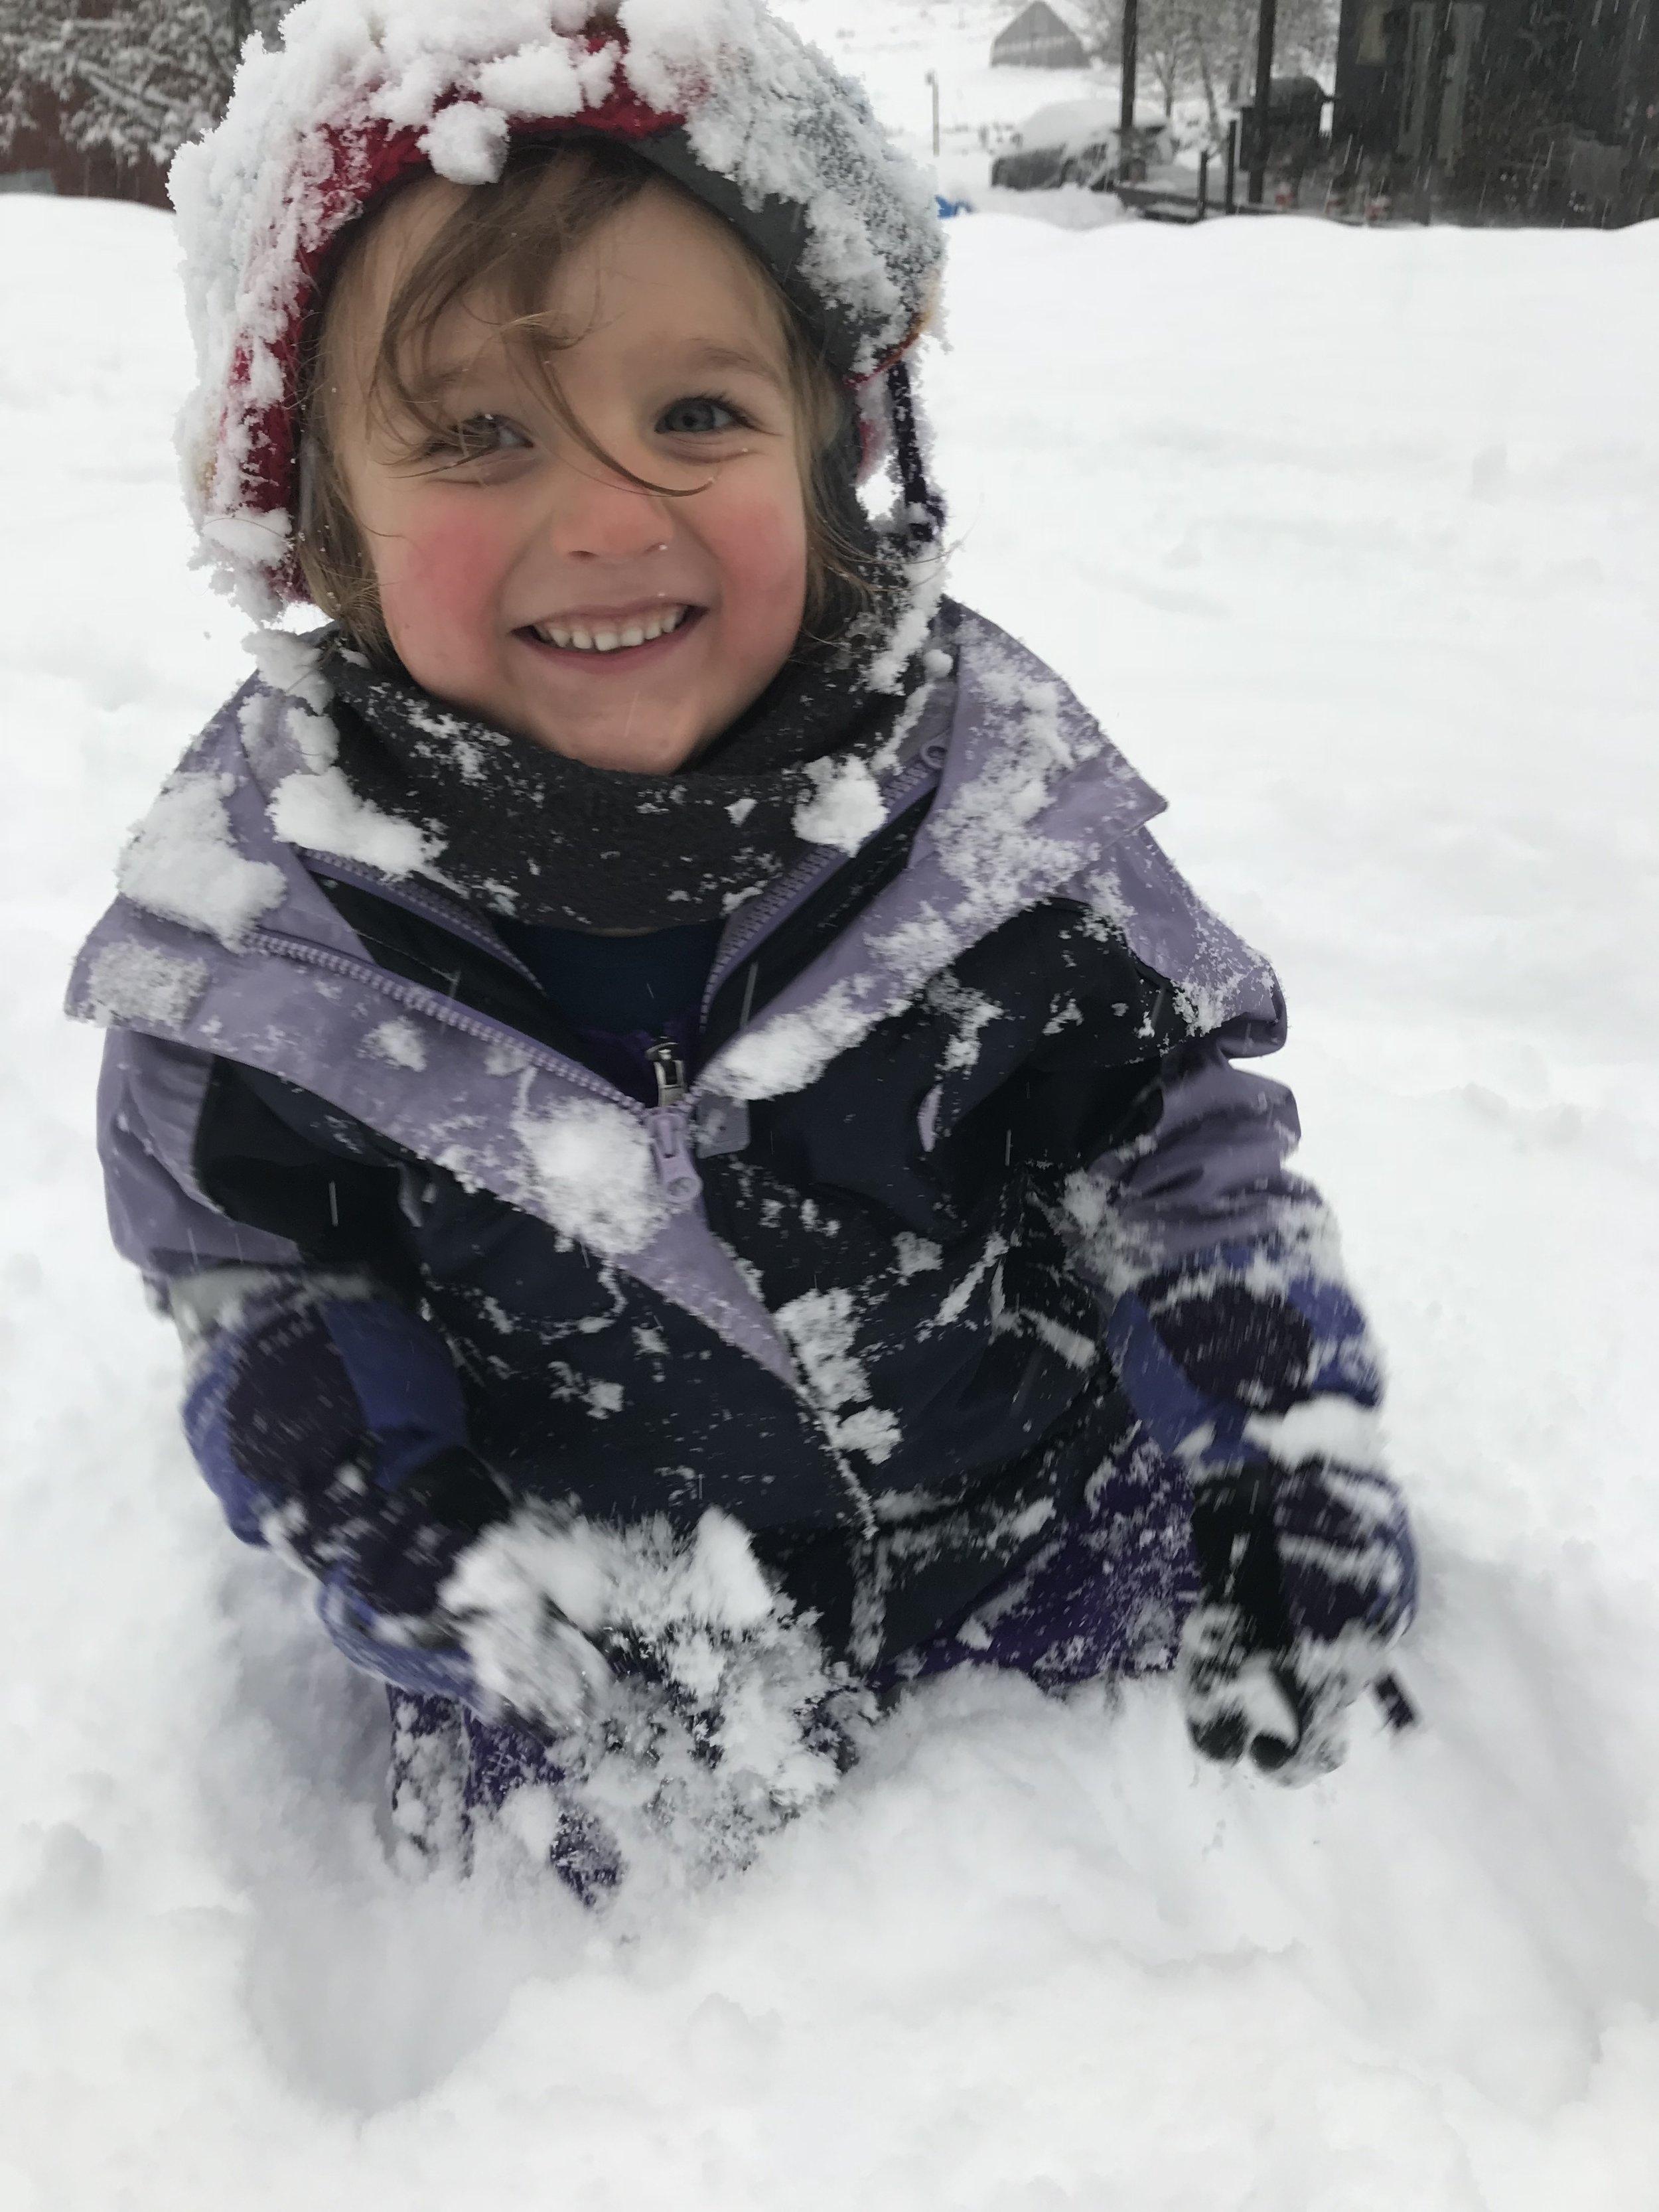 Reijo playing in freshly fallen snow.